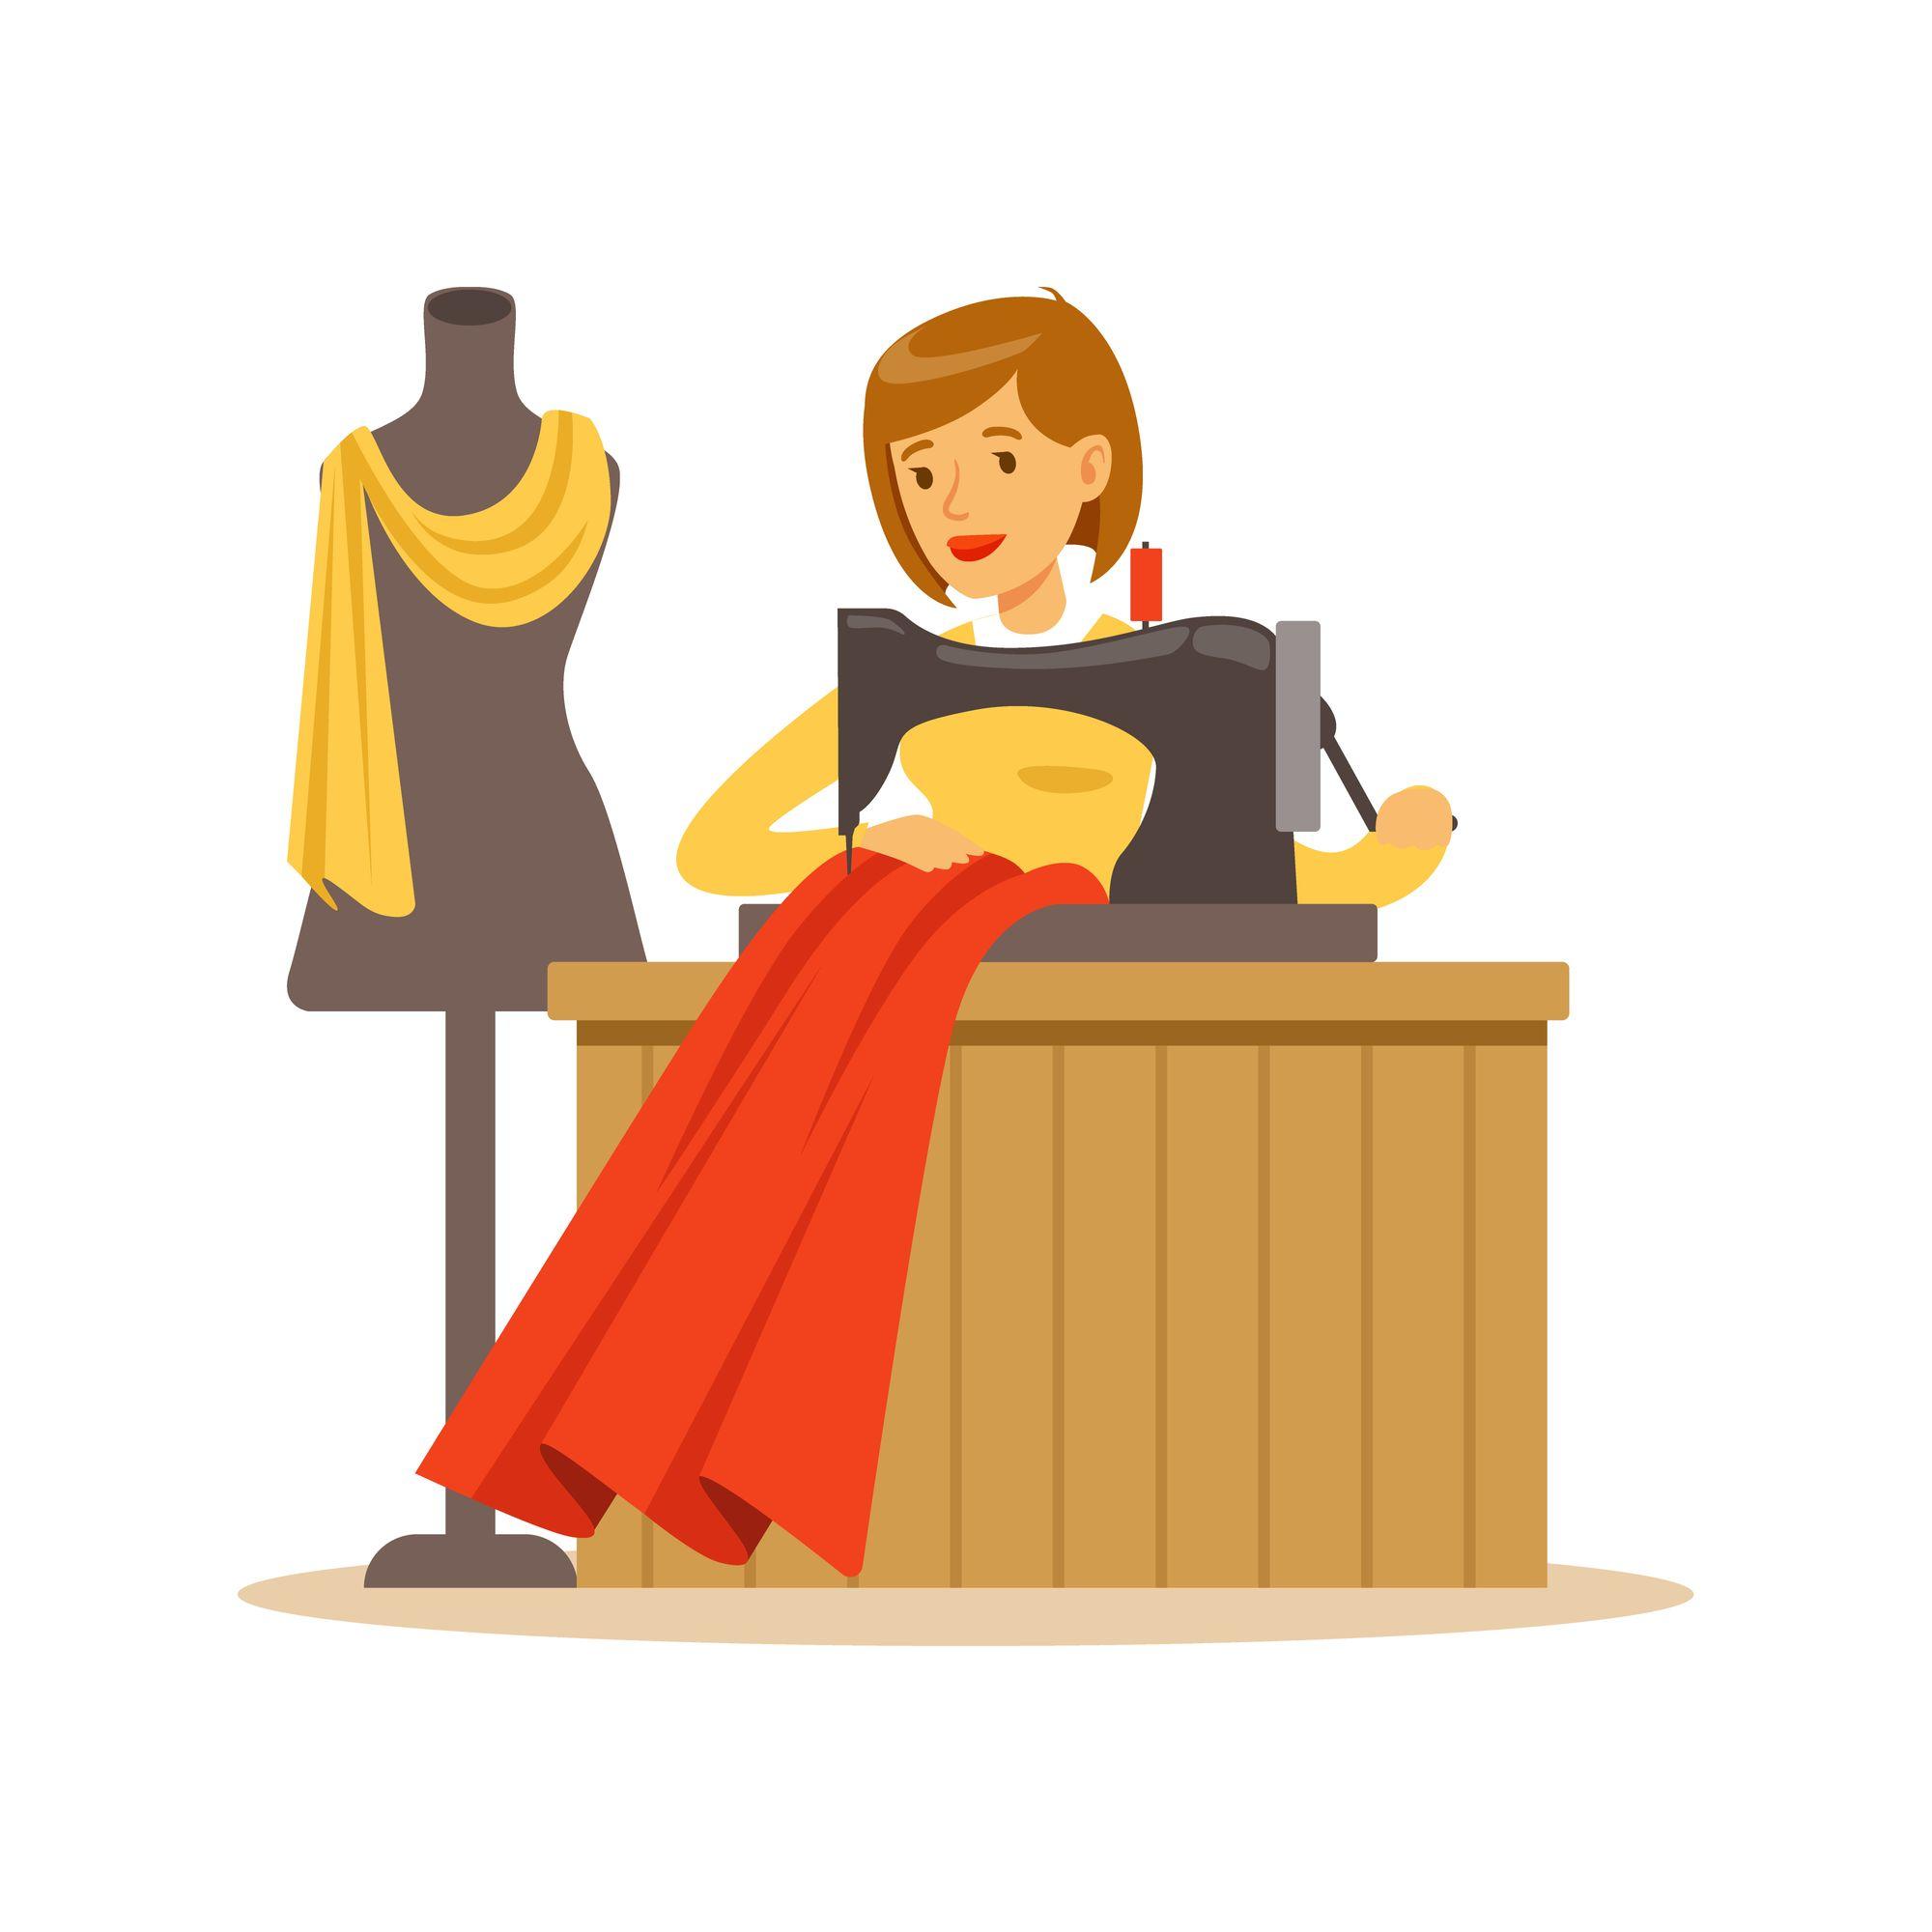 महिलाएं घर बैठे कैसे शुरू करें टेलरिंग बिज़नेस?